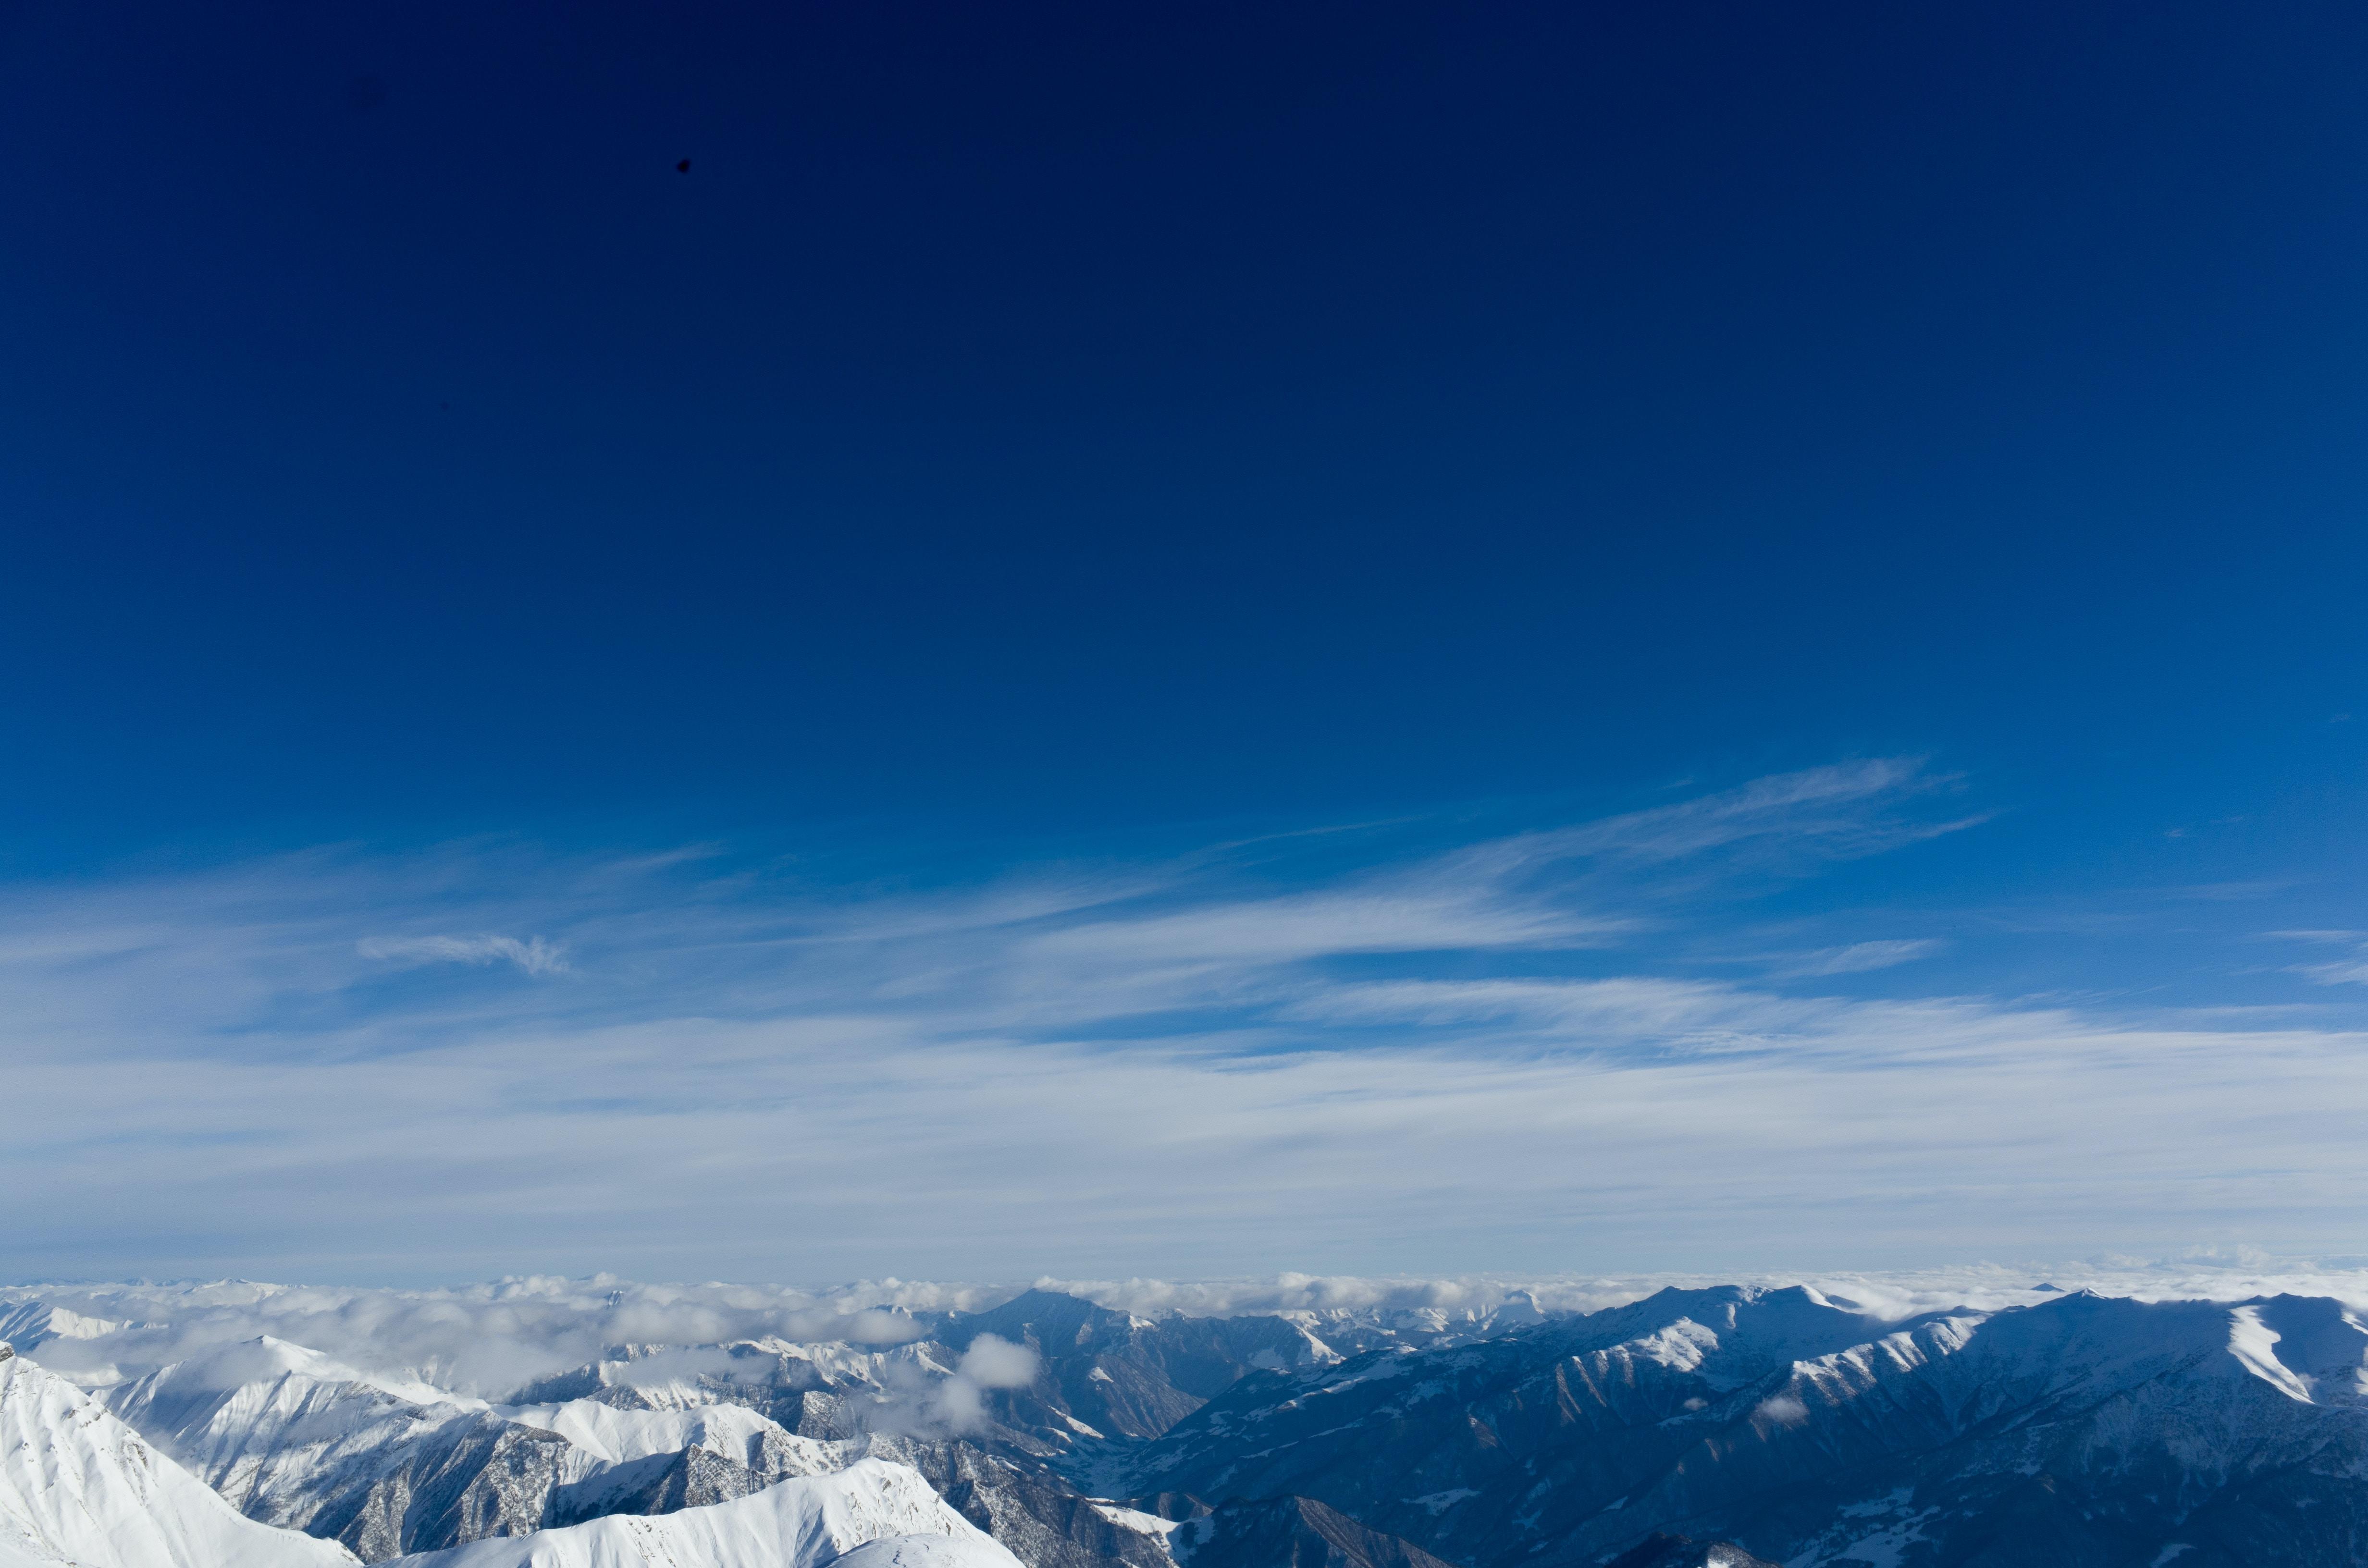 A dramatic mountainous landscape under a blue sky